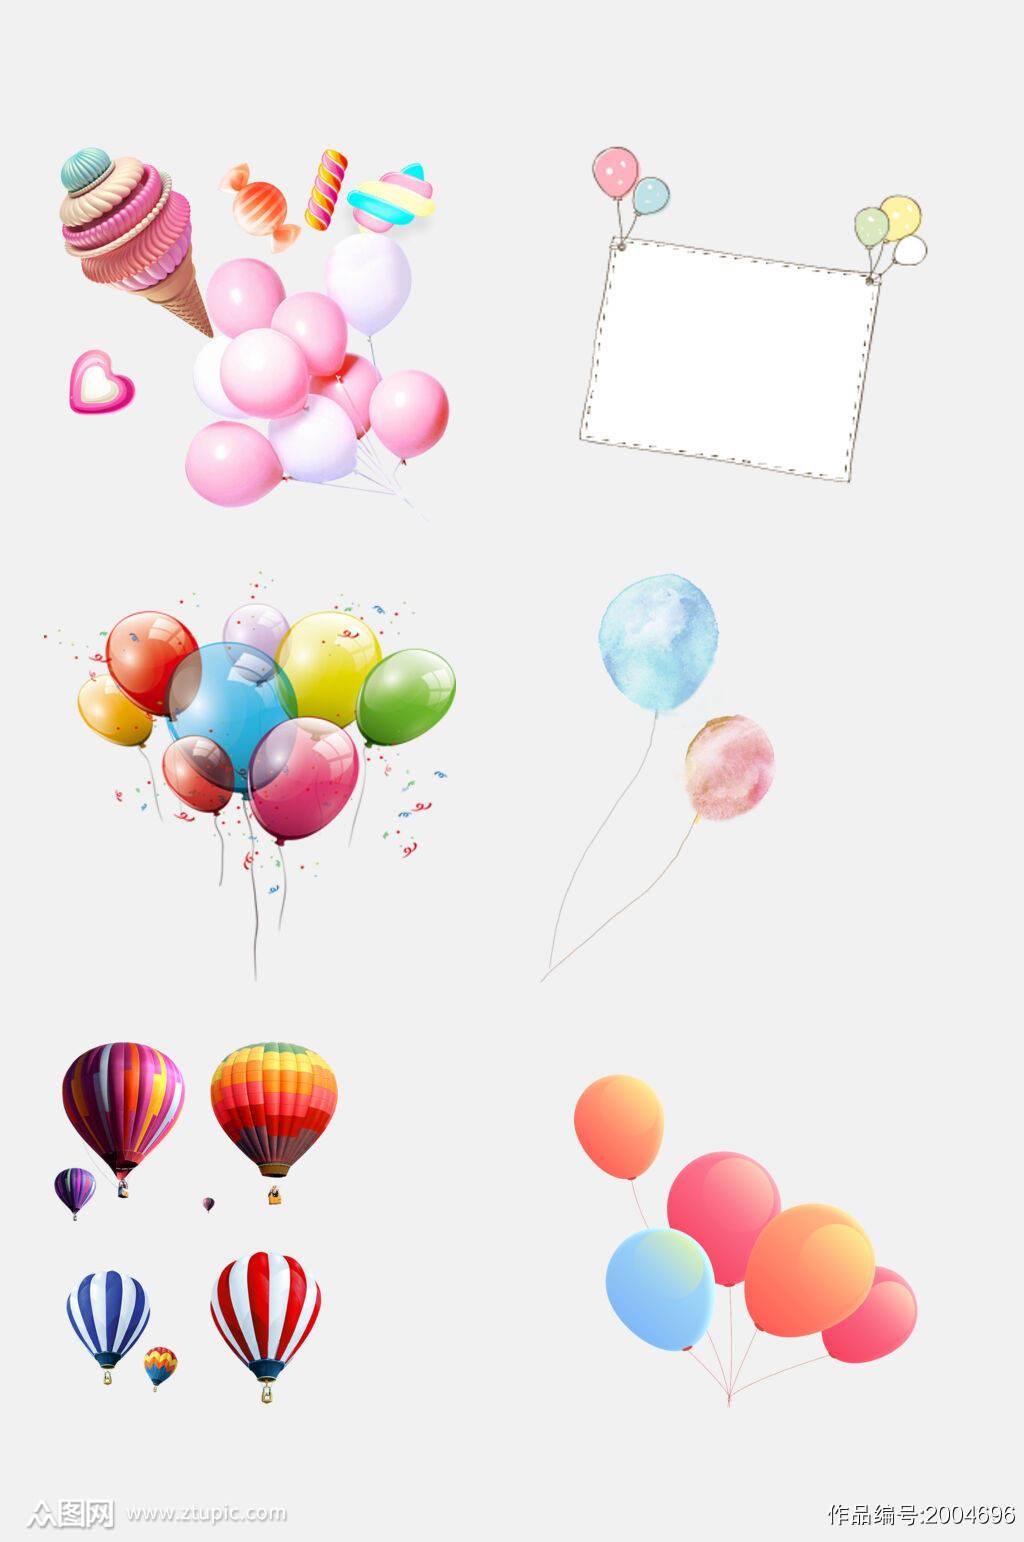 彩色浪漫热气球气球免抠元素素材